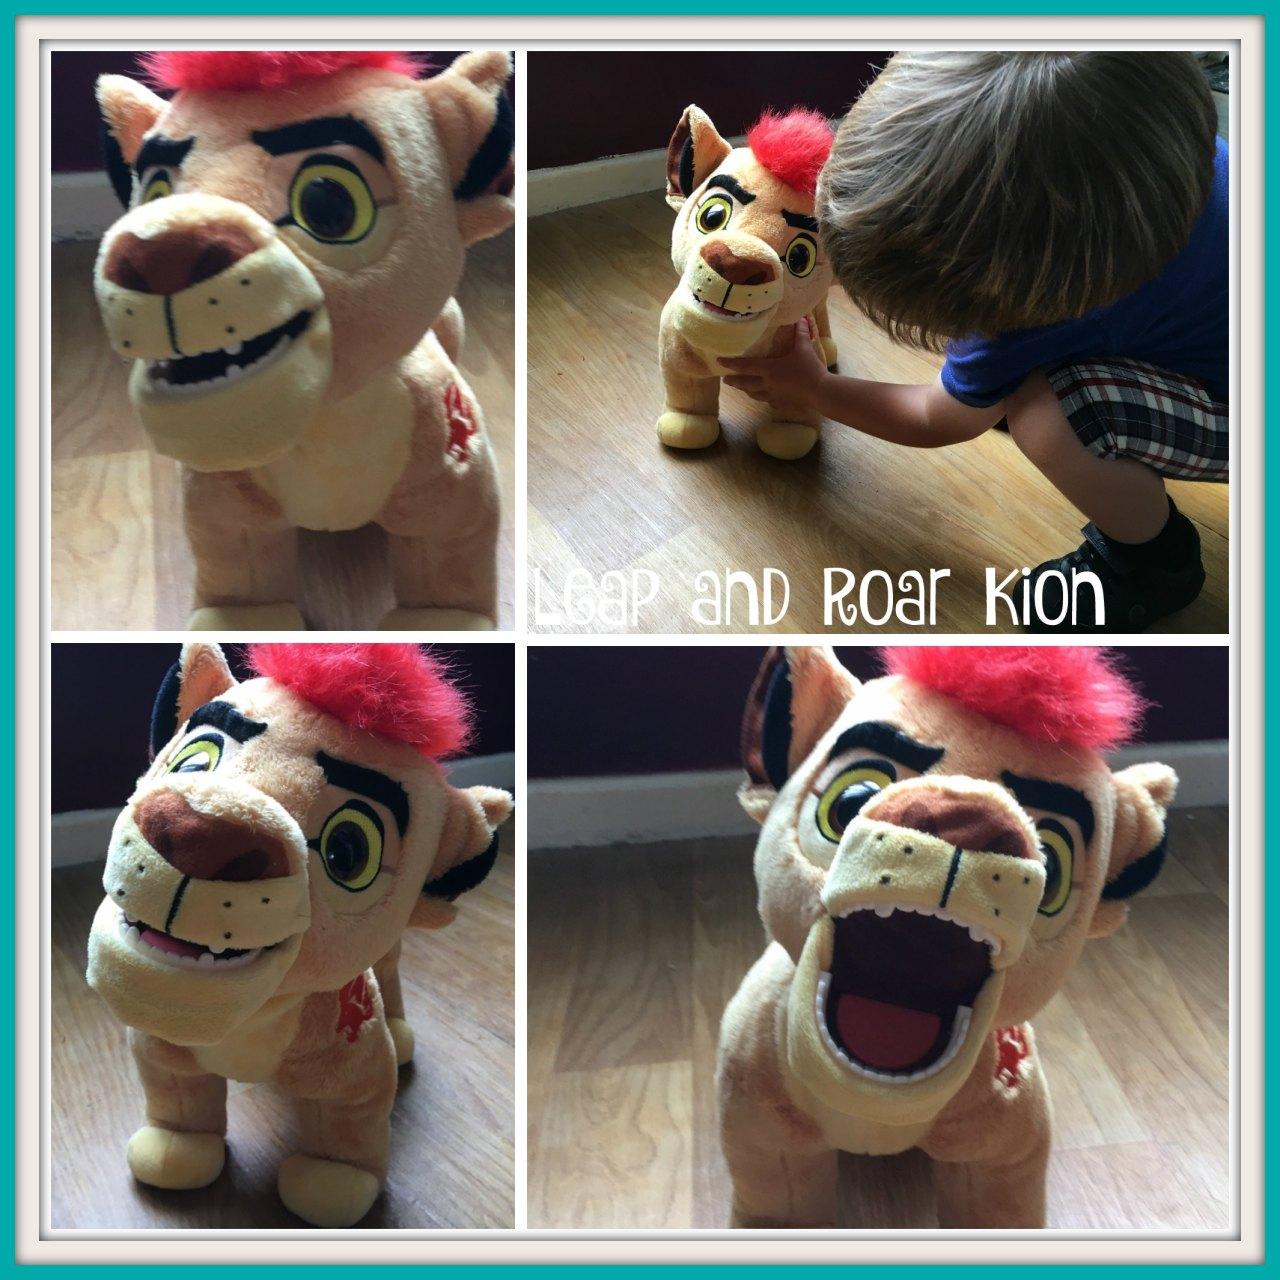 leap-and-roar-kion